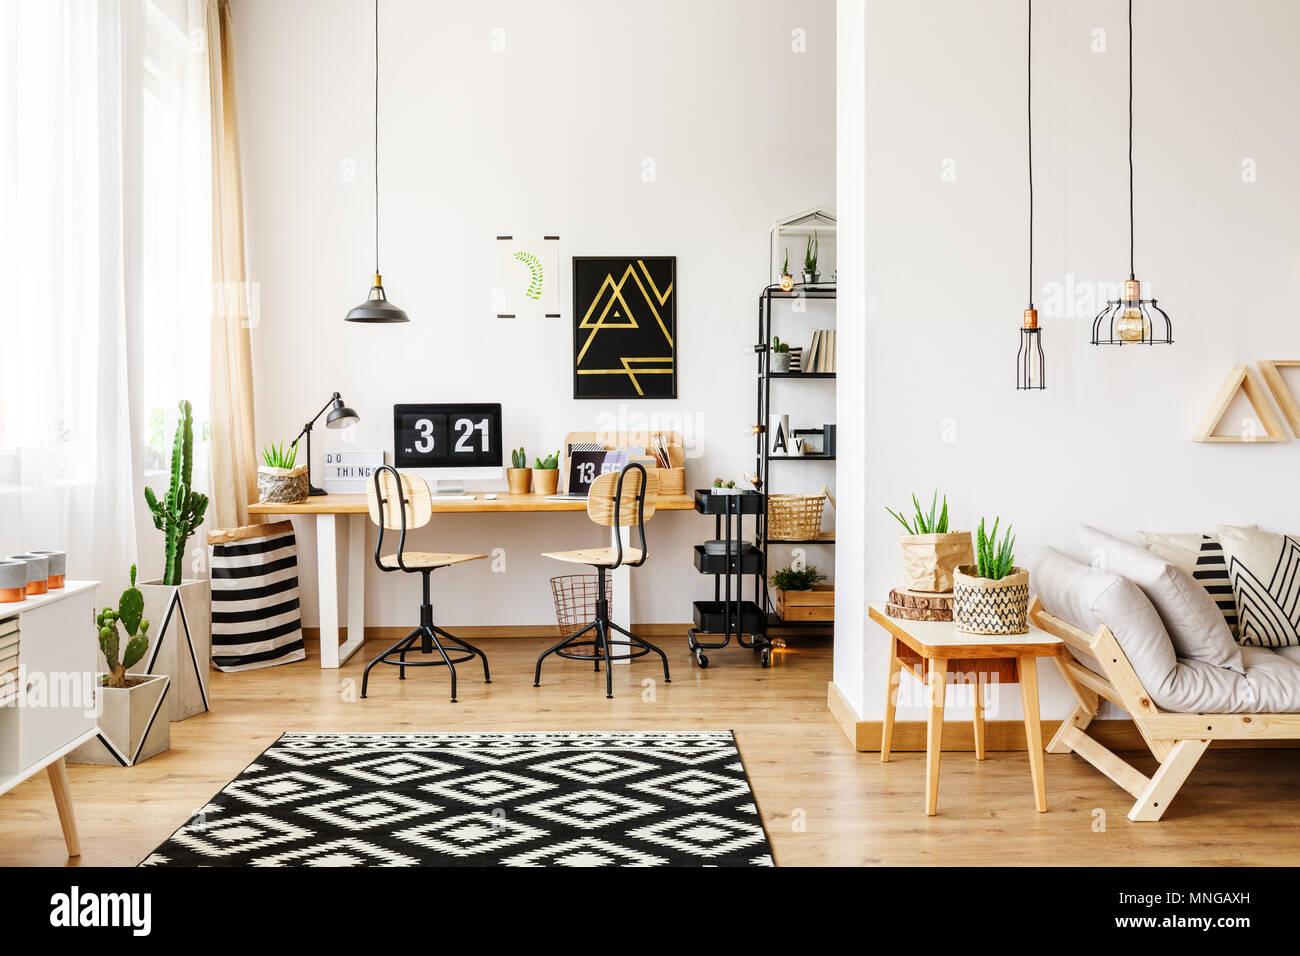 Cette chambre contemporaine dans un style scandinave avec office